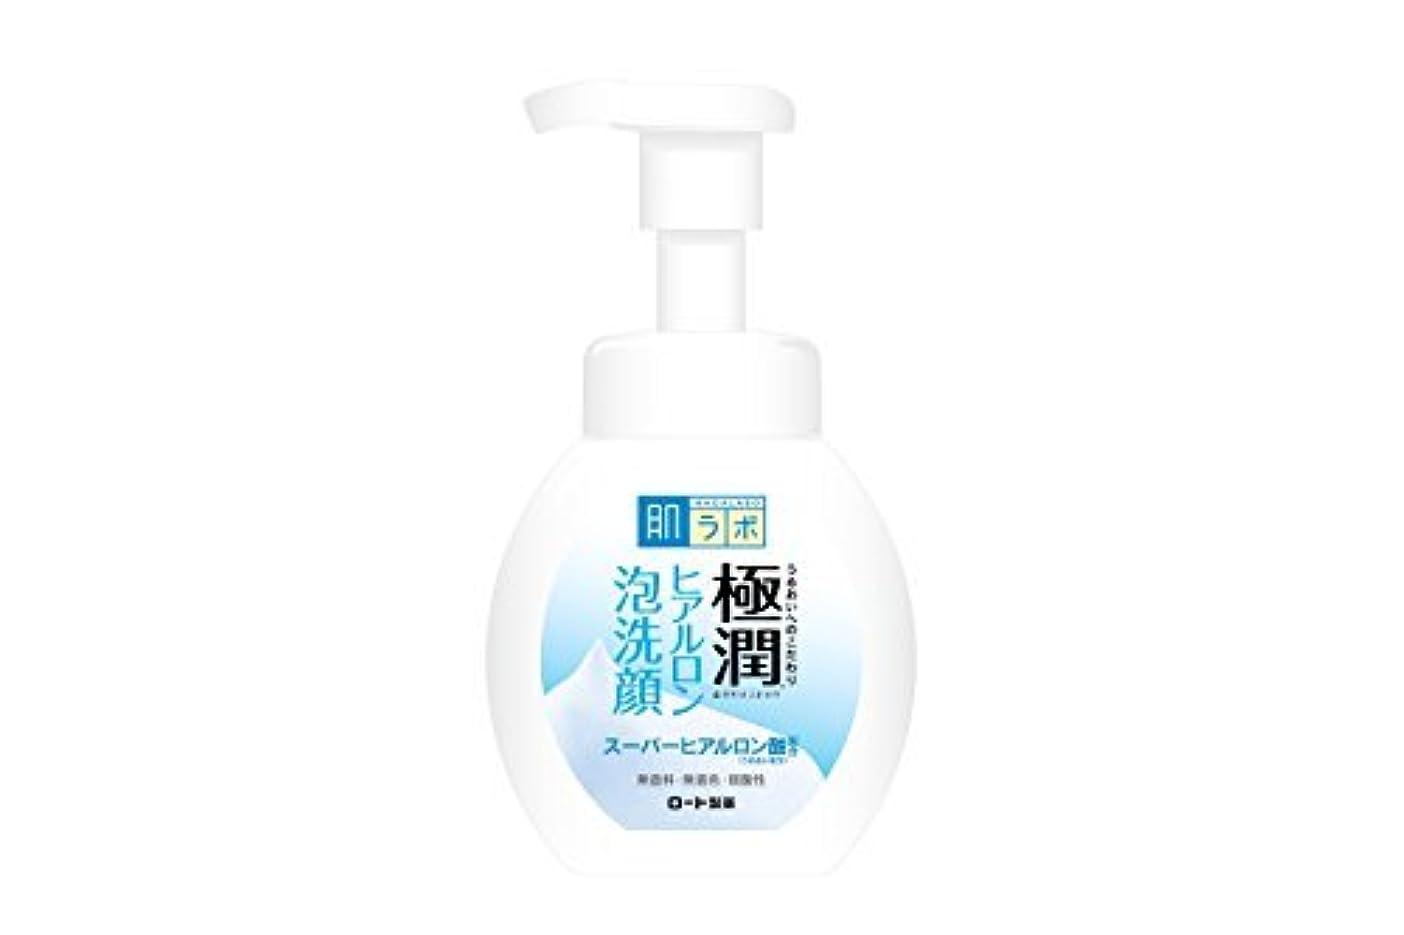 必要とする発生器舌な肌研(ハダラボ) 極潤 ヒアルロン 泡洗顔 160mL